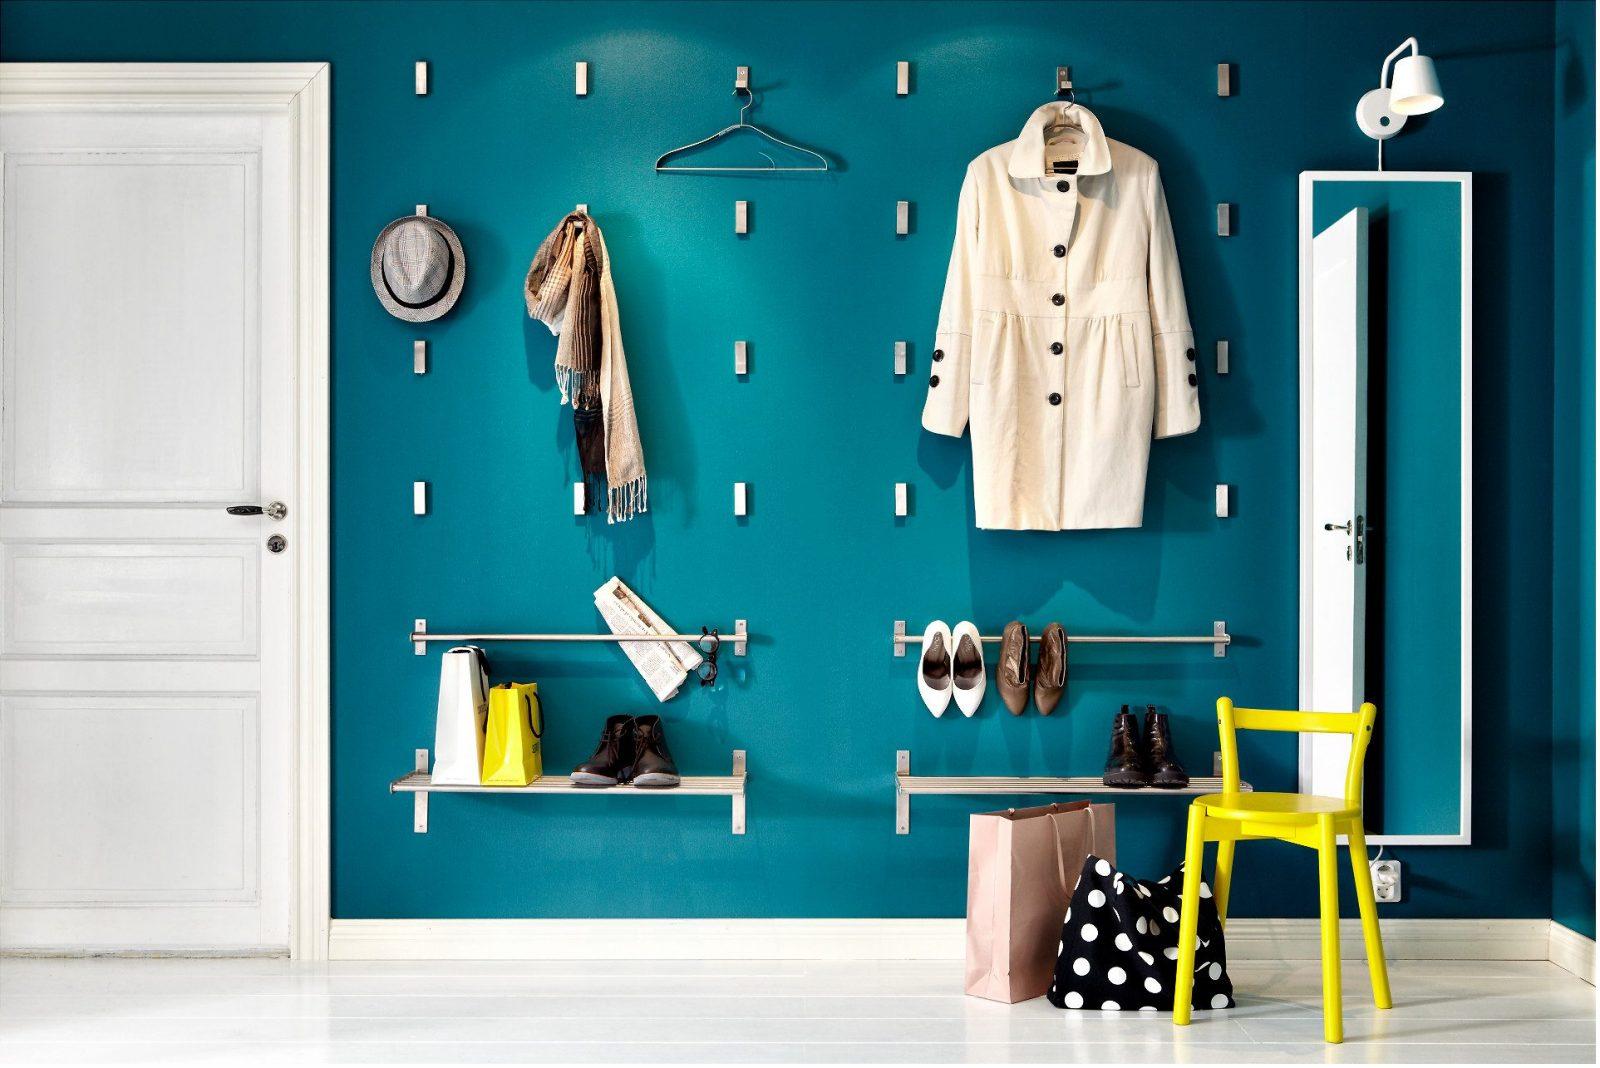 Amusing Mirror Hooks Amazon Wall Shelf Ikea Bjarnum Fing Hooks Bedroom Storage Hacks Solutions E1463087018498 Wall Shelf Hooks furniture Long Wall Shelf With Hooks